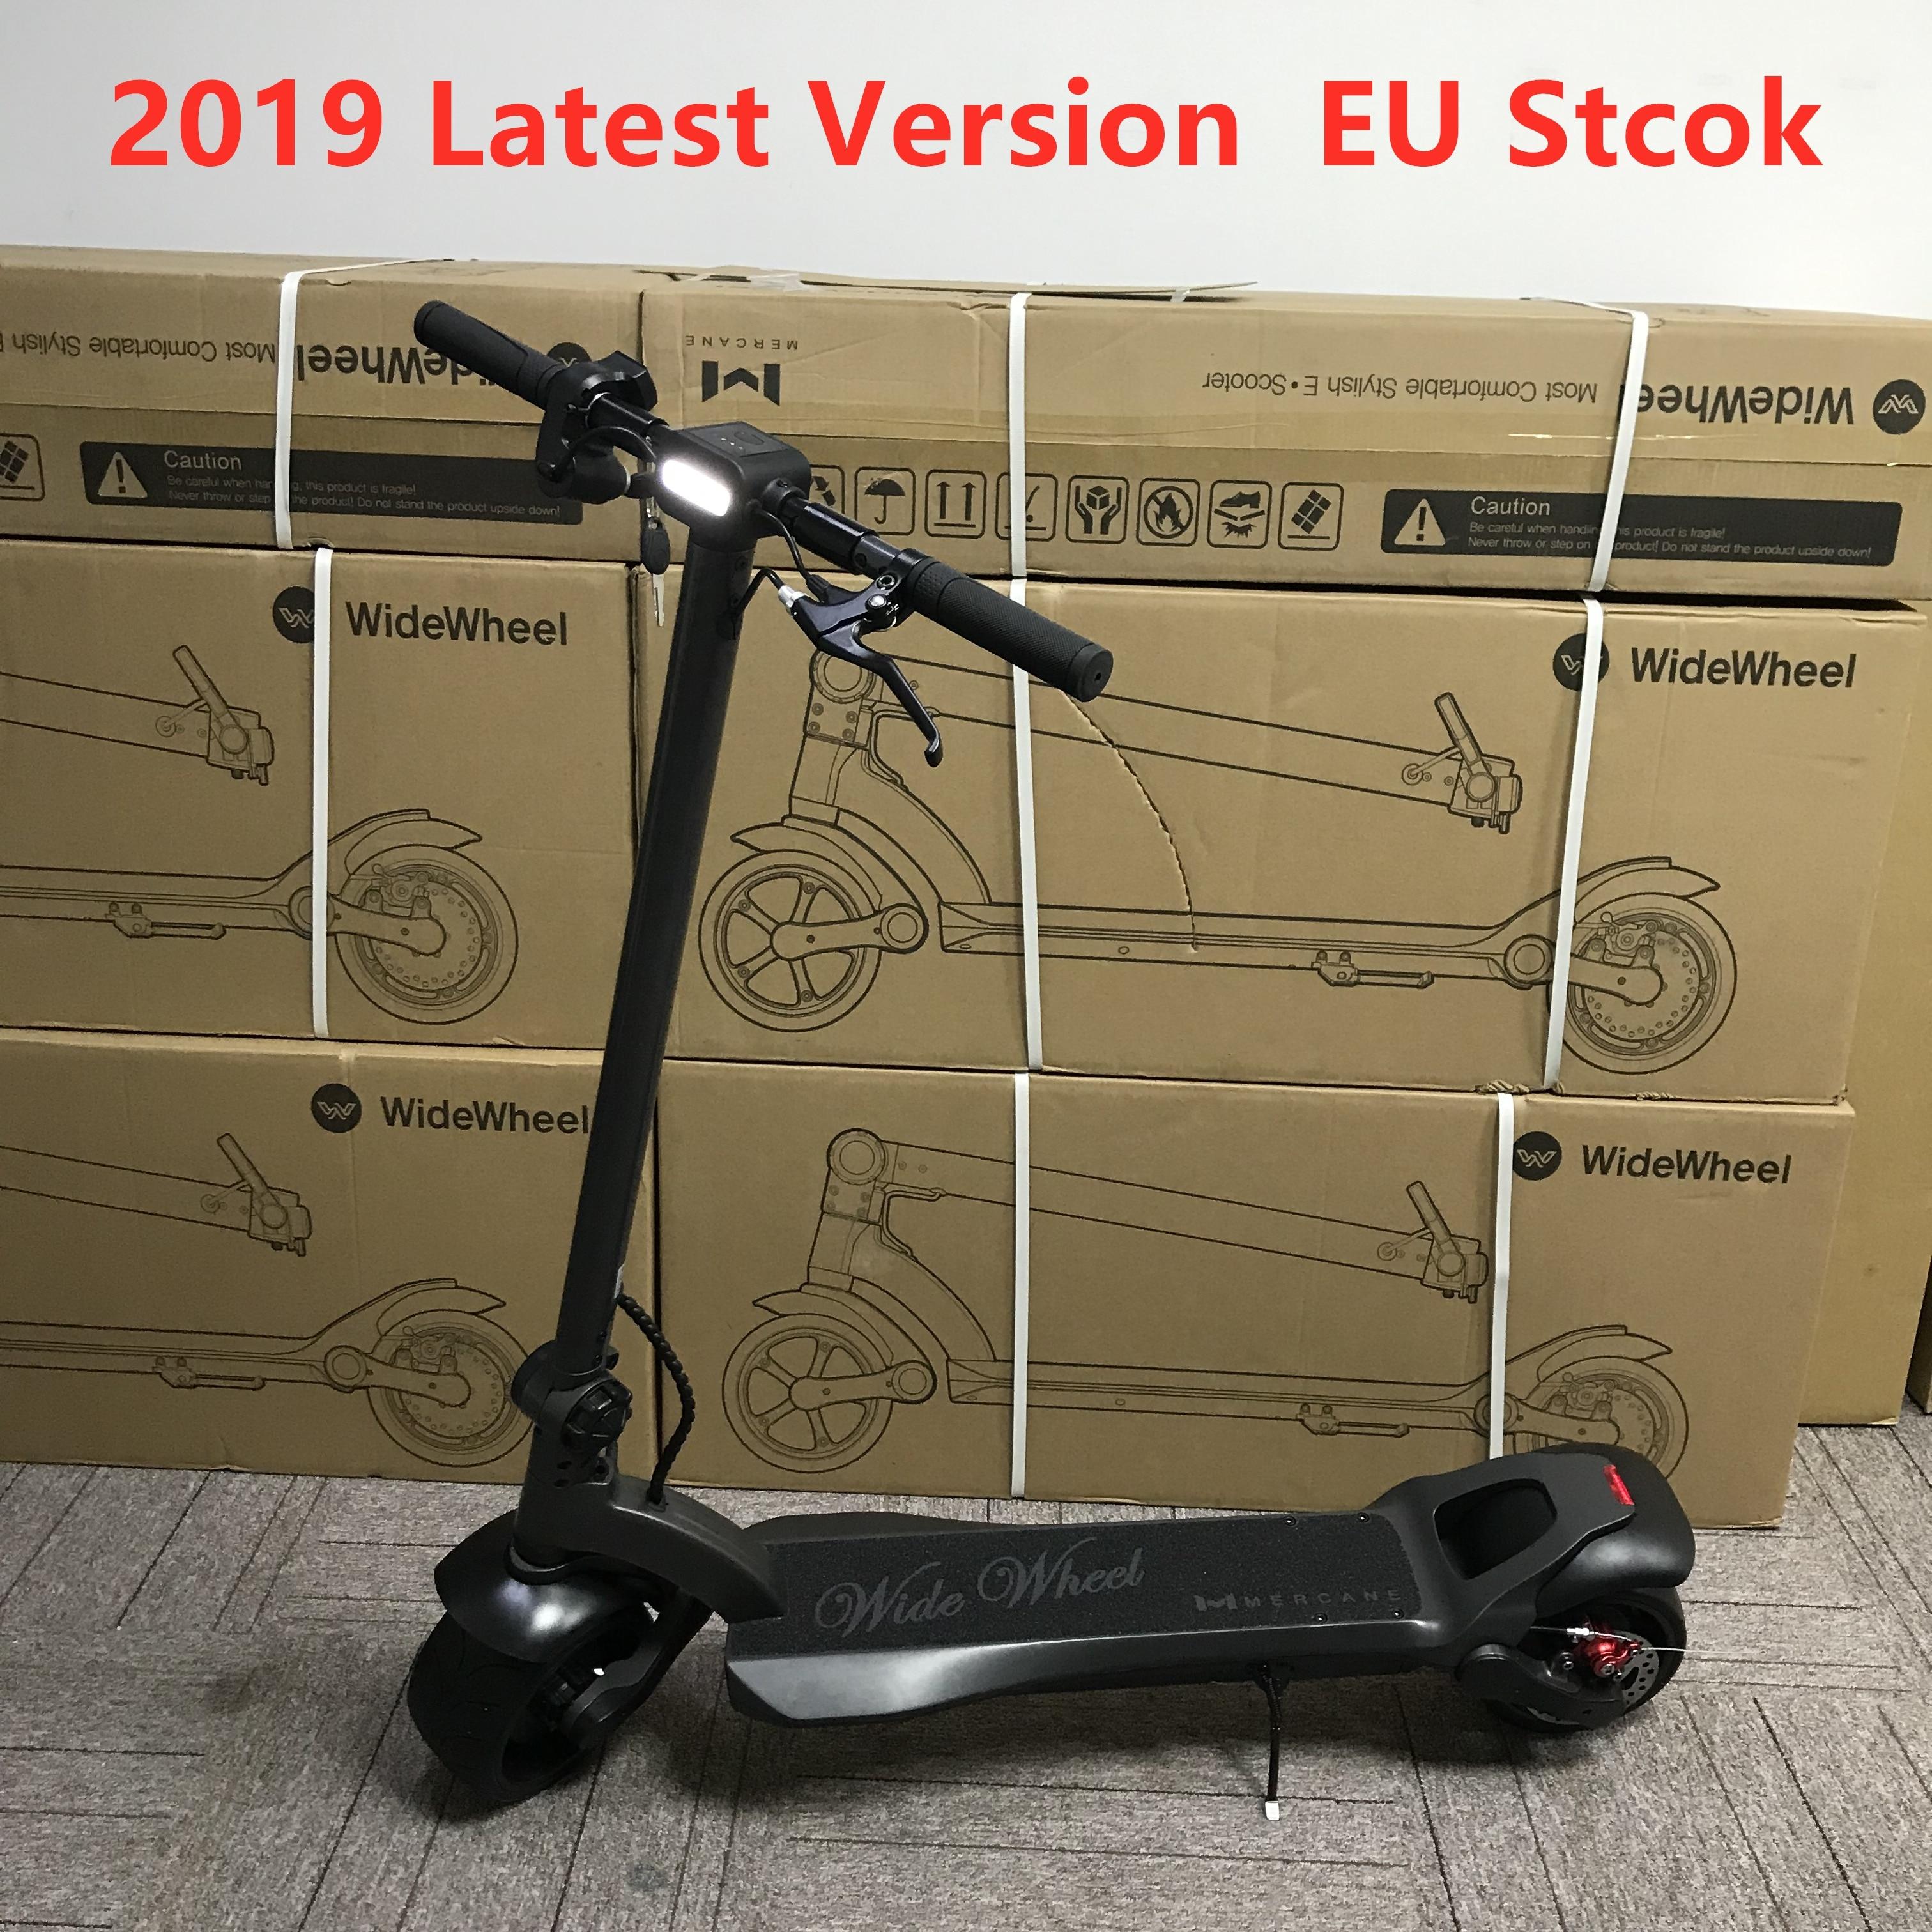 EU Stock 2019 dernière Mercane WideWheel Kickscooter 48V 500 W/1000 W double moteur intelligent Scooter électrique large roue 45 KM/H Hoverboard